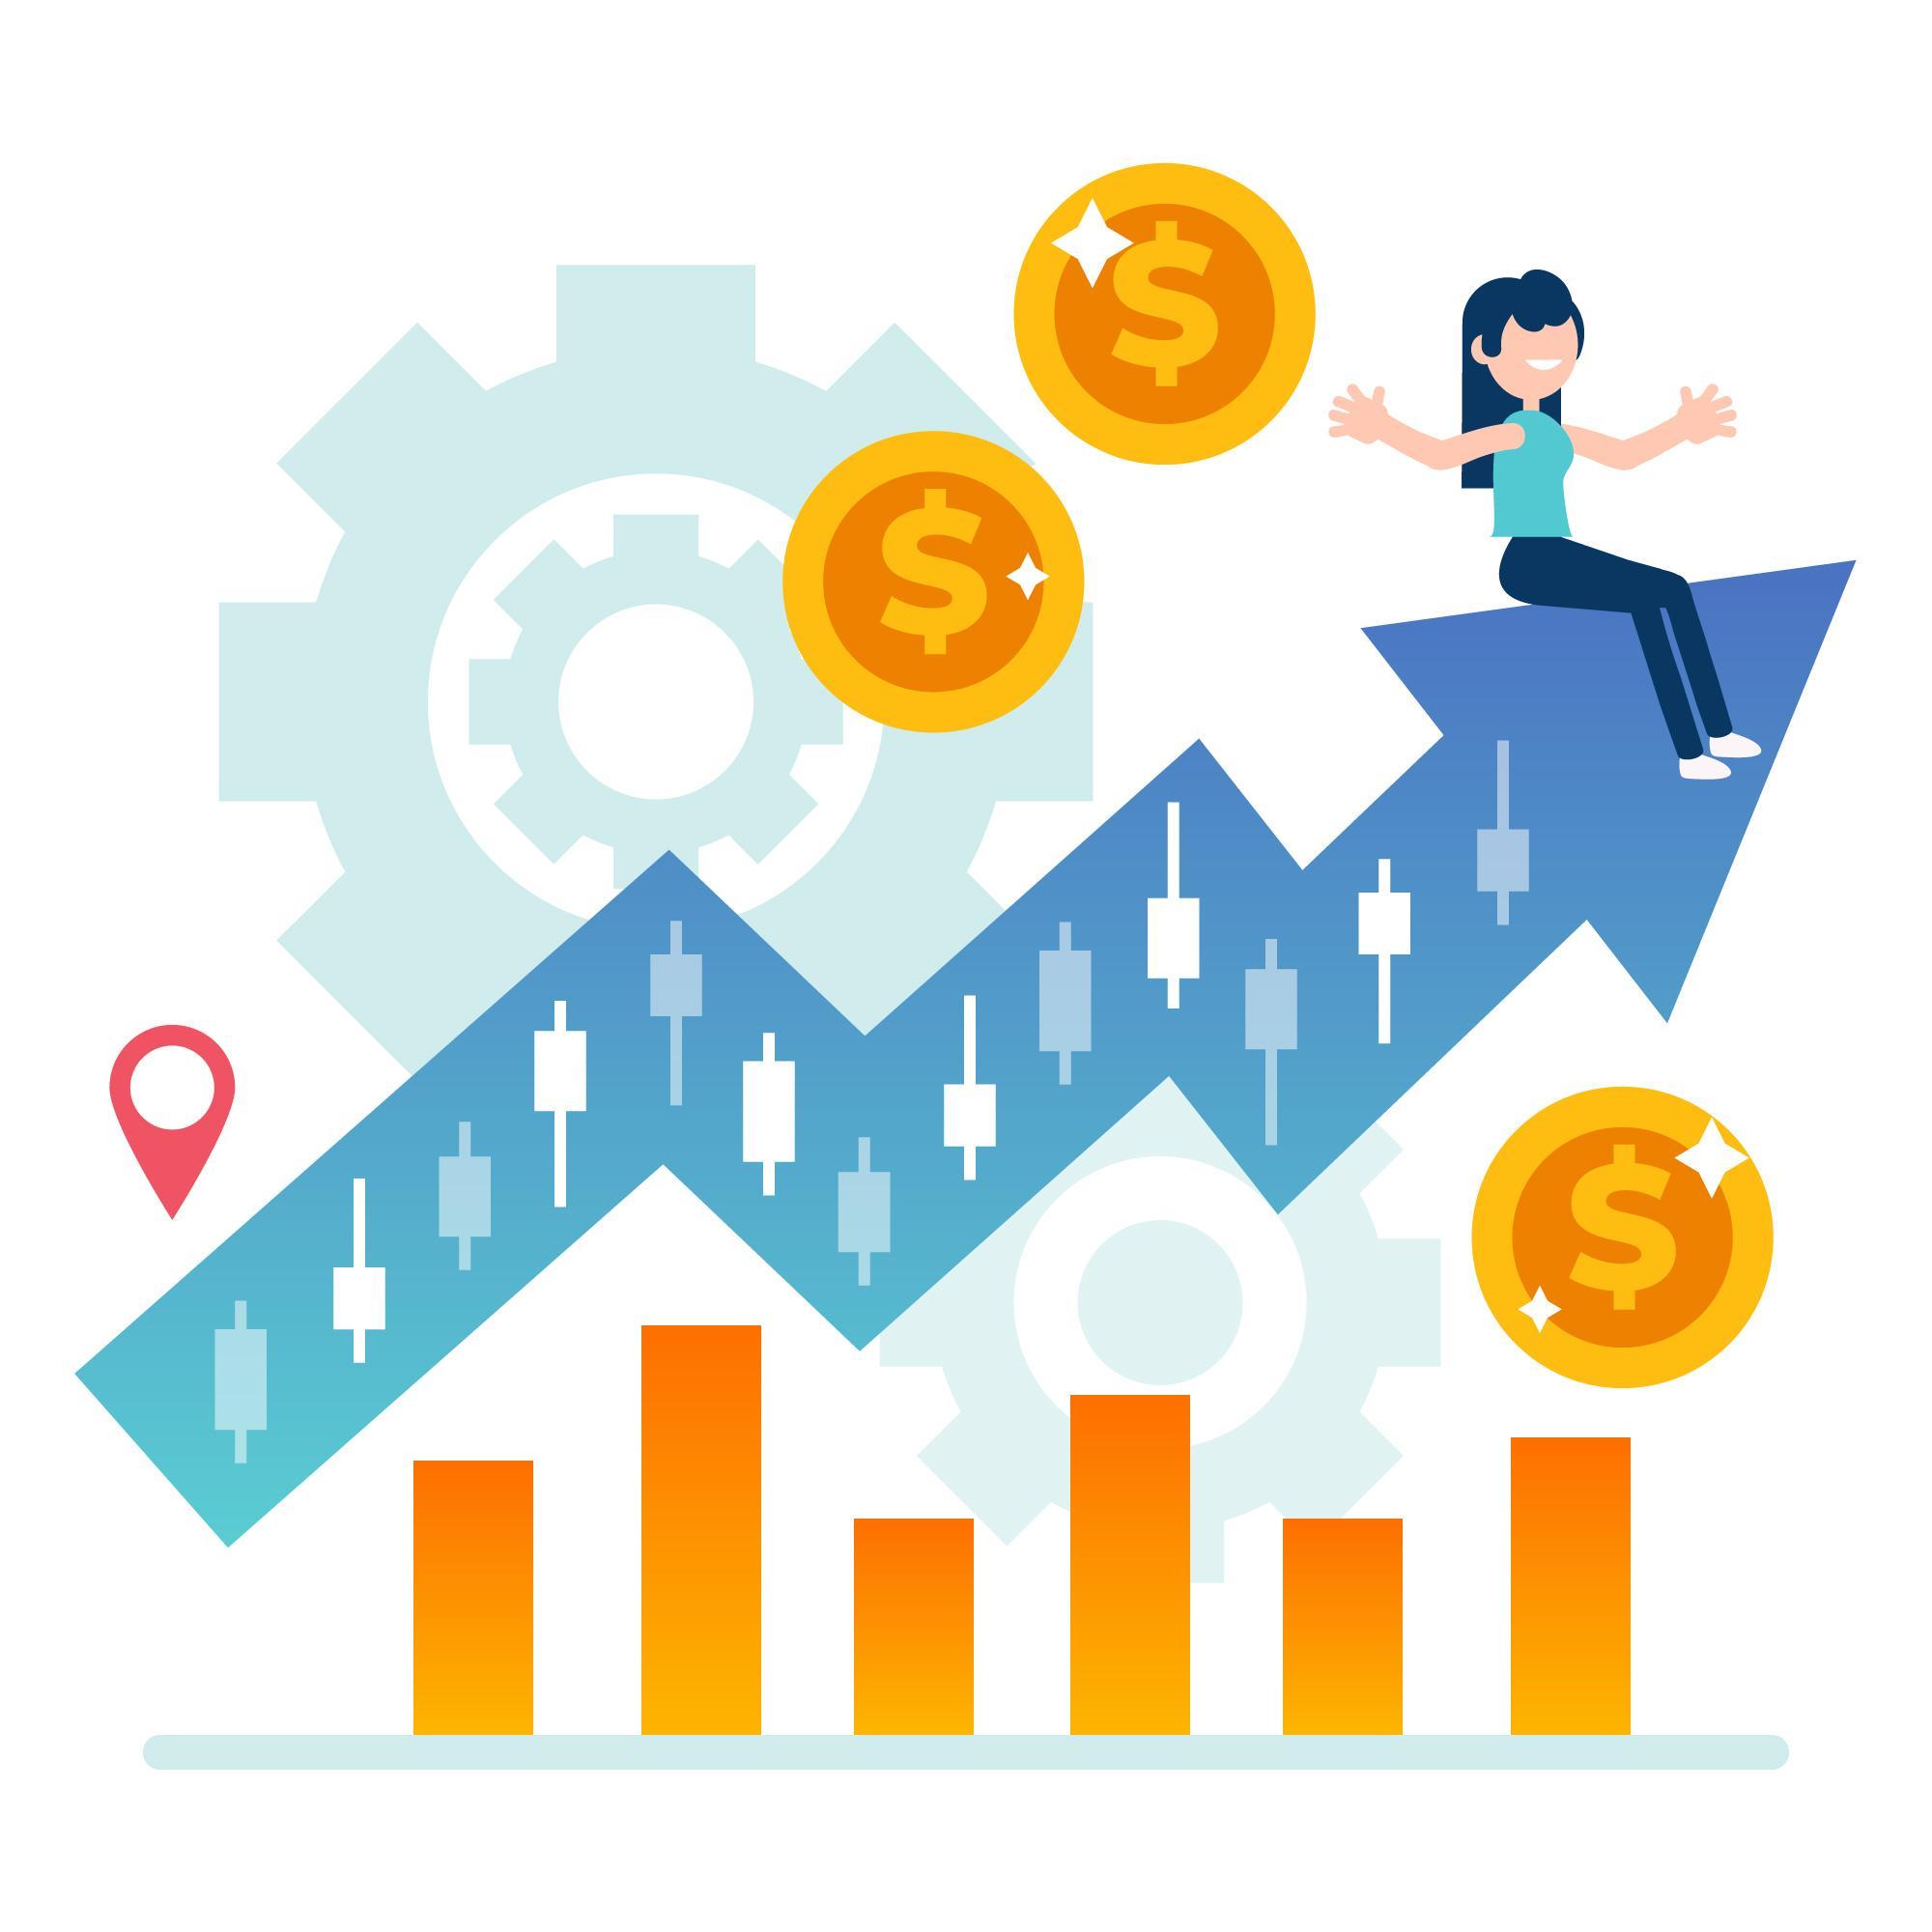 Cách đầu tư tiền hiệu quả - tăng trưởng nguồn tiền theo cách riêng của bạn